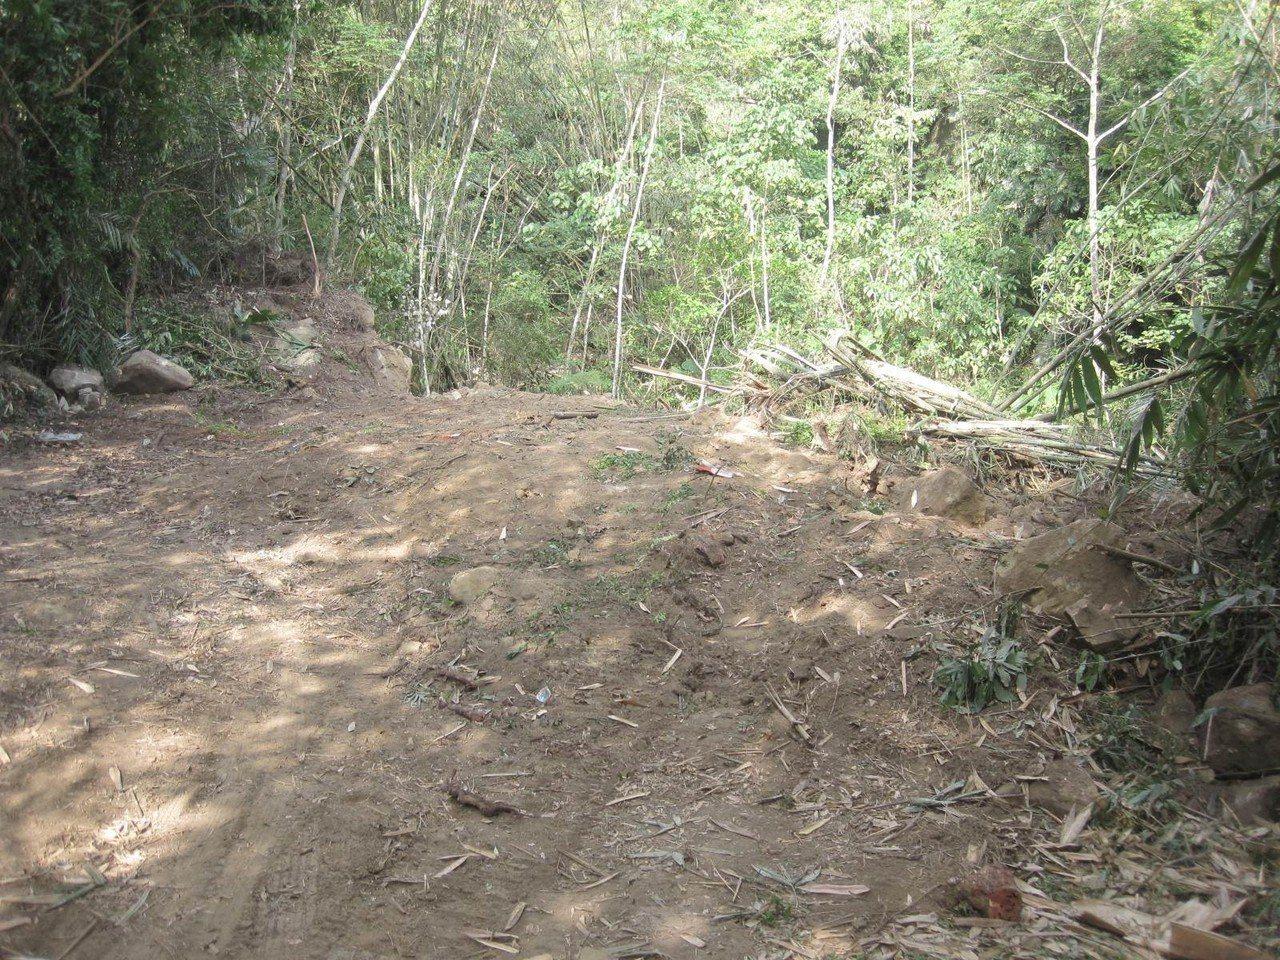 盜伐集團在大埔山林地開路,嚴重破壞水土保持。記者謝恩得/翻攝